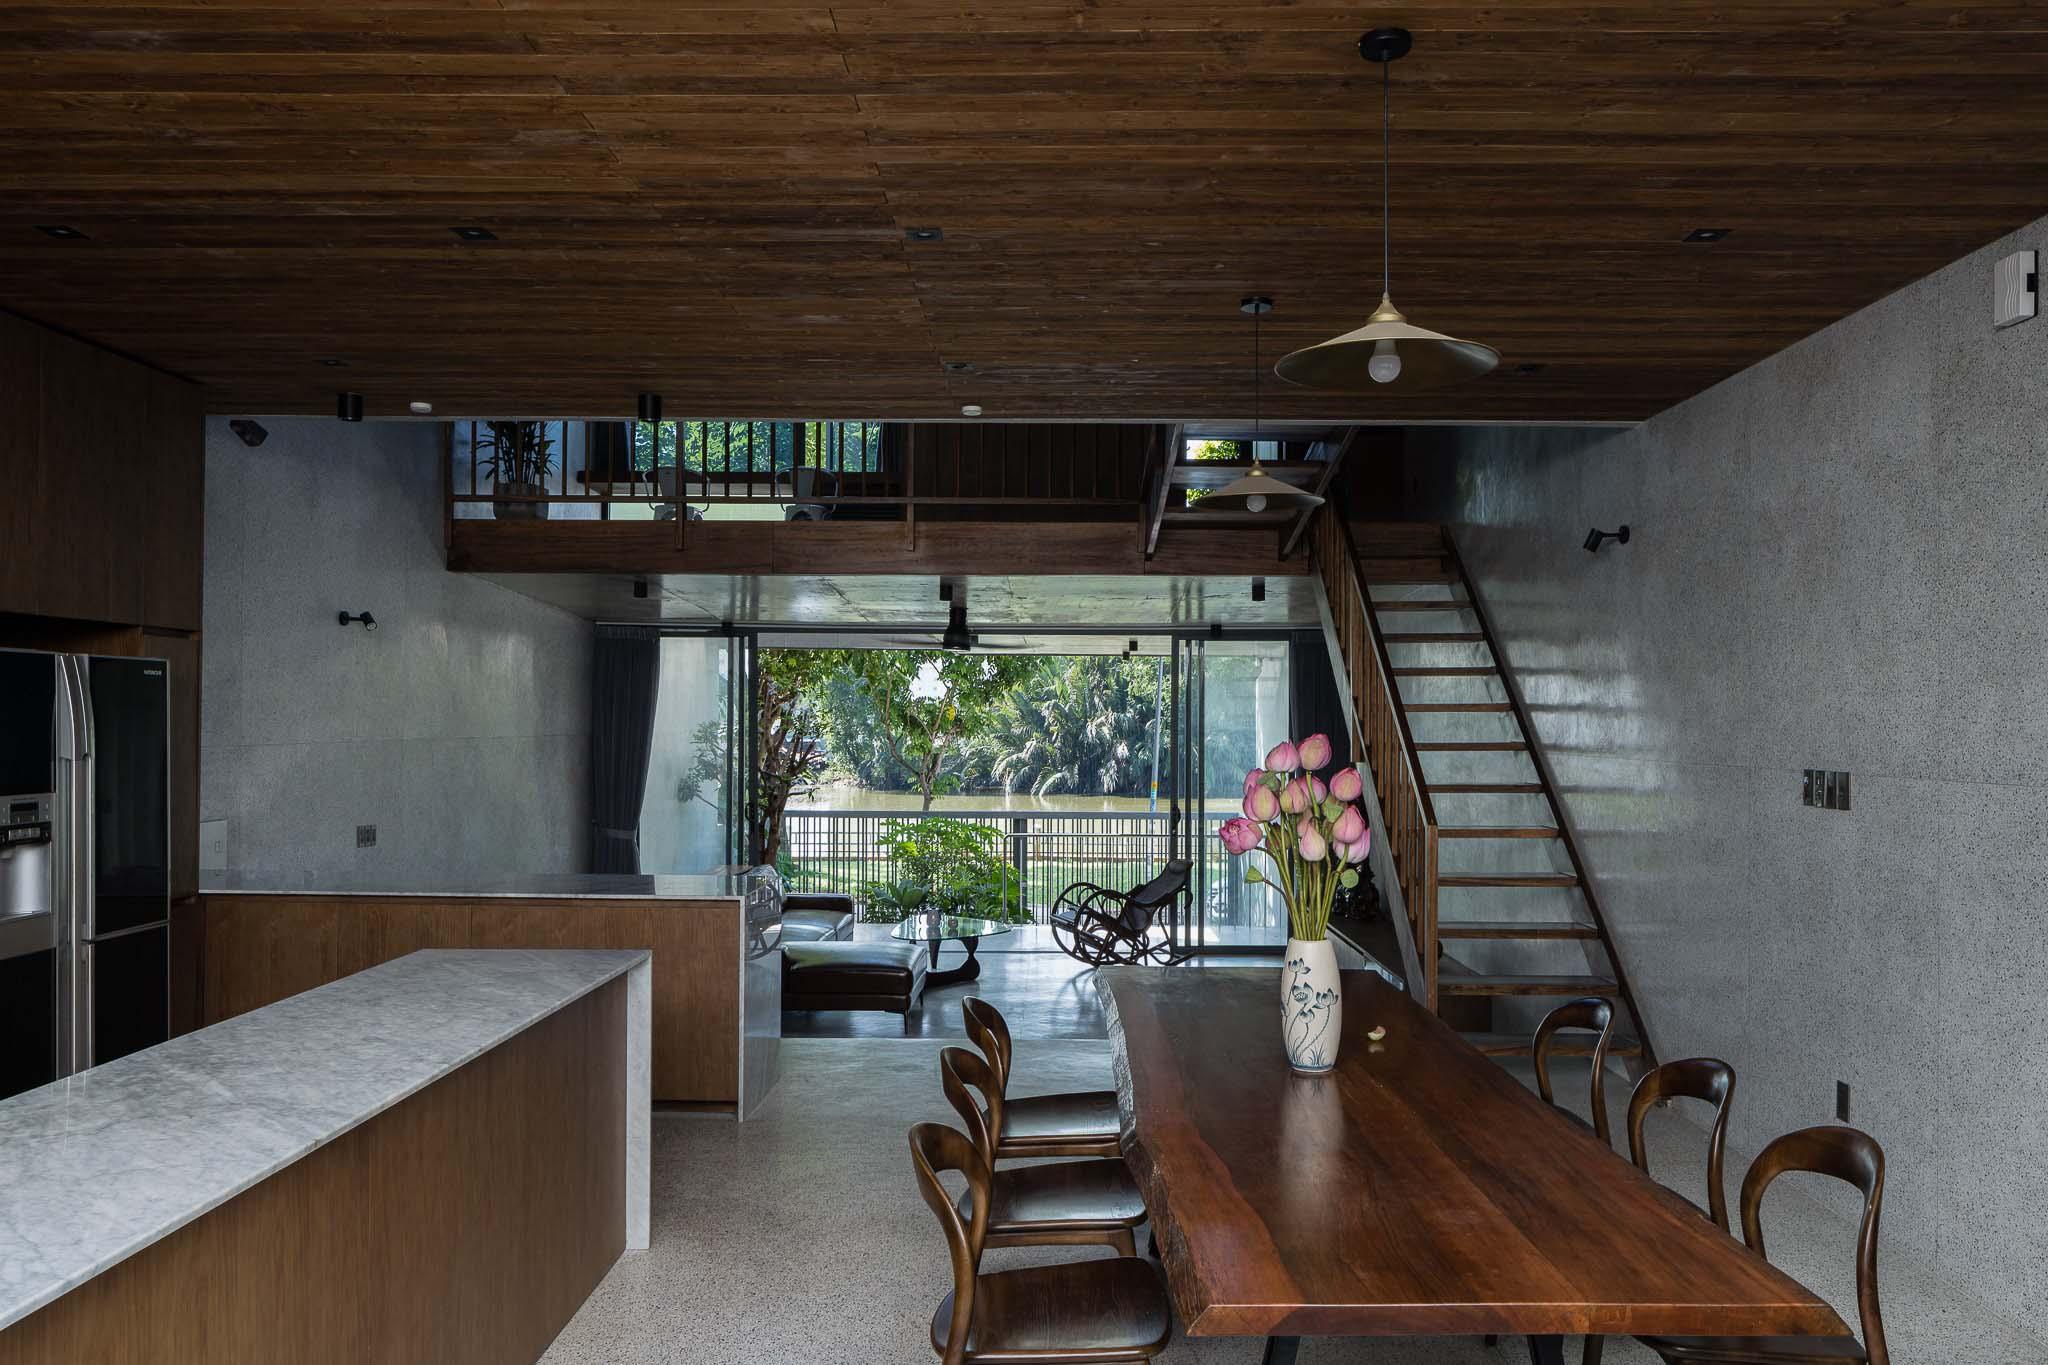 Nhờ ô cửa lớn ngoài phòng khách và giải pháp thay đổi độ cao, gia chủ ở trong bếp vẫn dễ dàng ngắm nhìn con sông trước nhà.